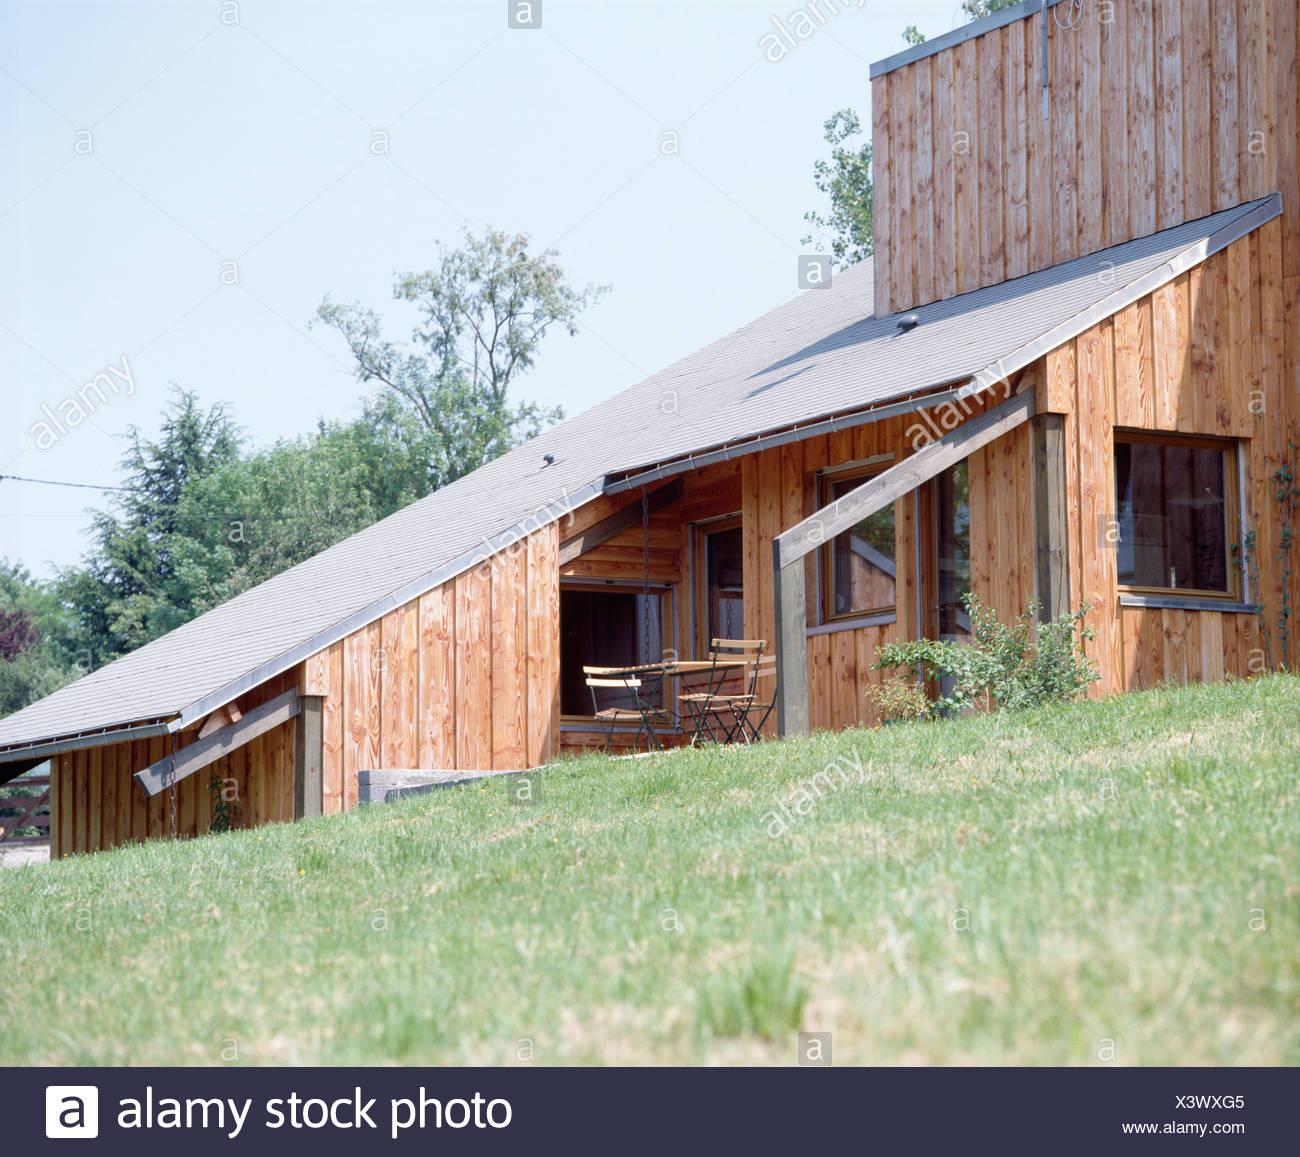 Casa Moderna De Madera Con Techo Inclinado En Hillside Foto Imagen